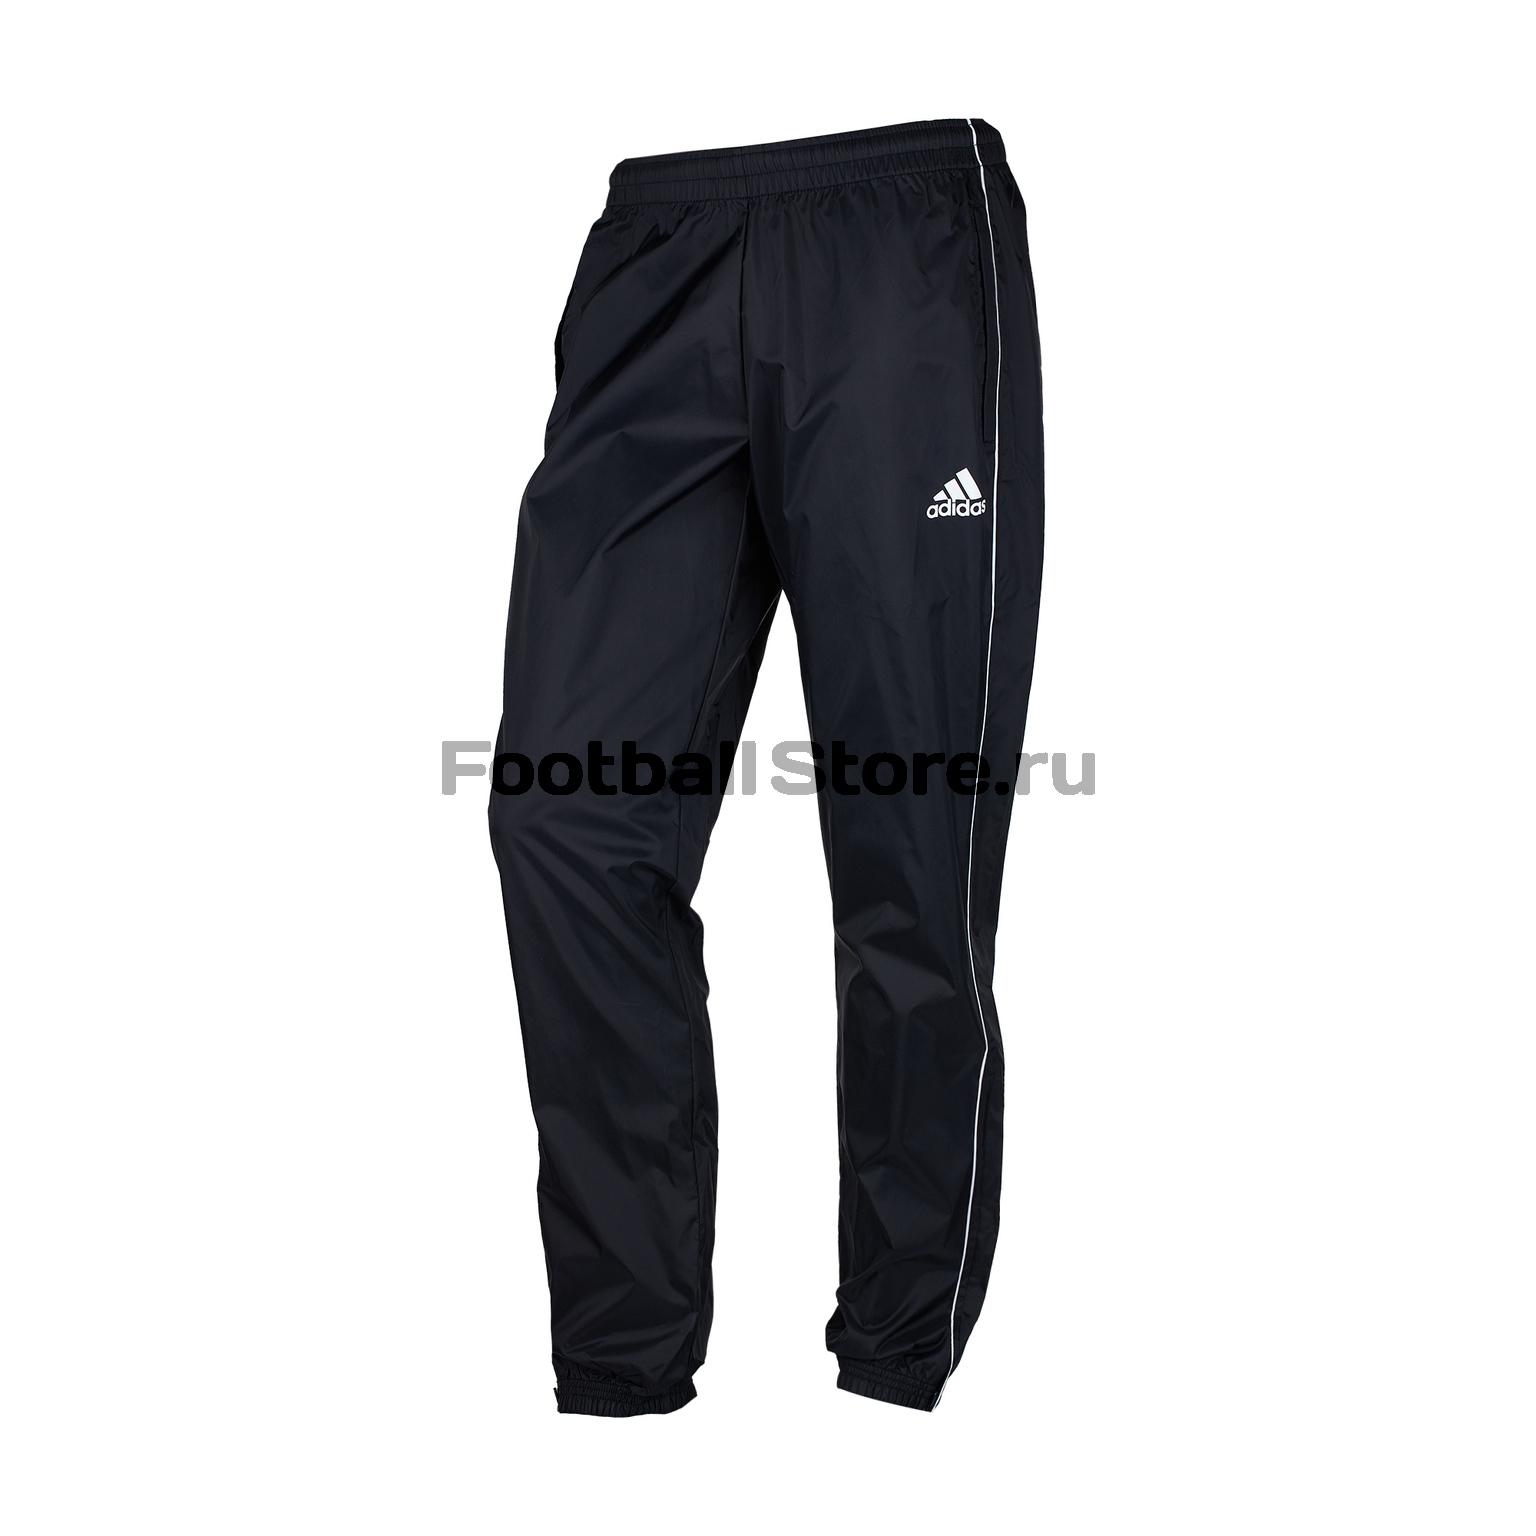 Брюки Adidas Core18 Rain Pnt CE9060 брюки тренировочные adidas core18 sw pnt ce9074